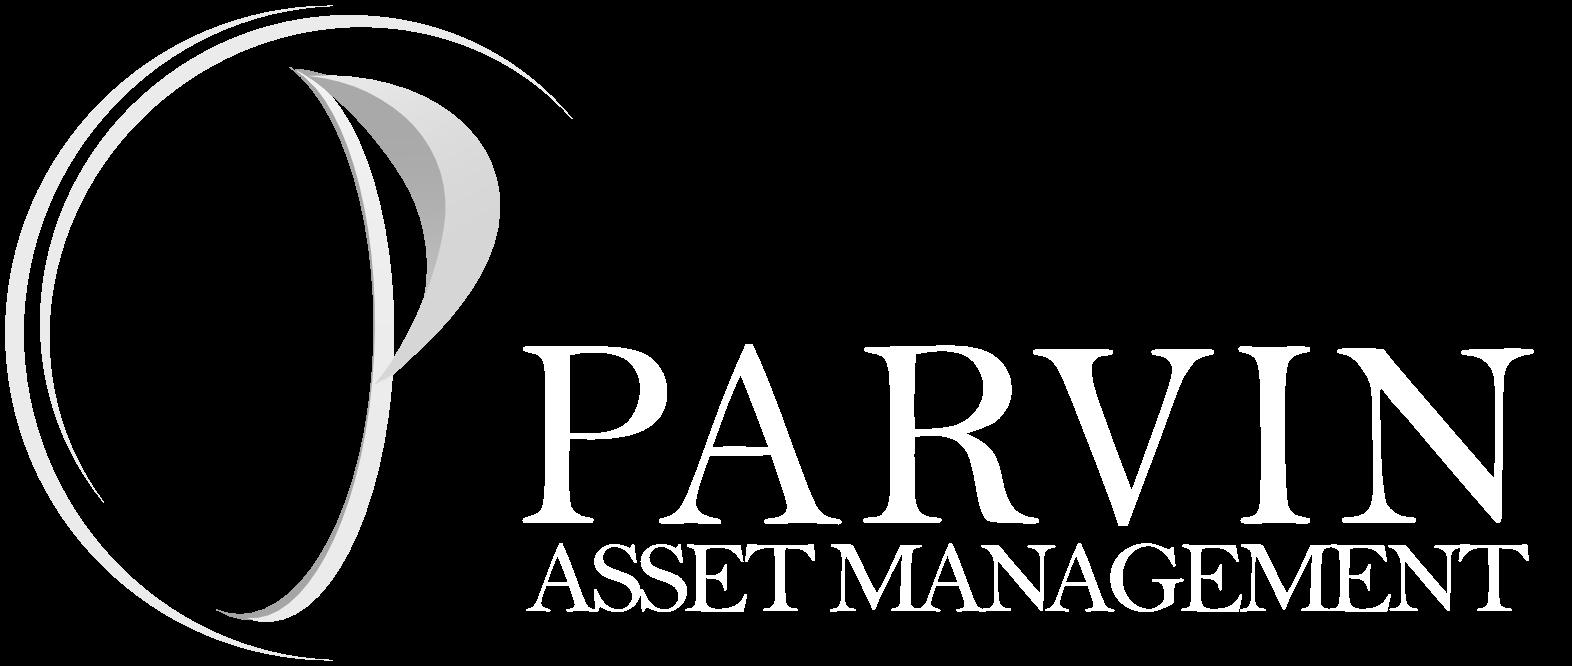 Parvin Asset Management